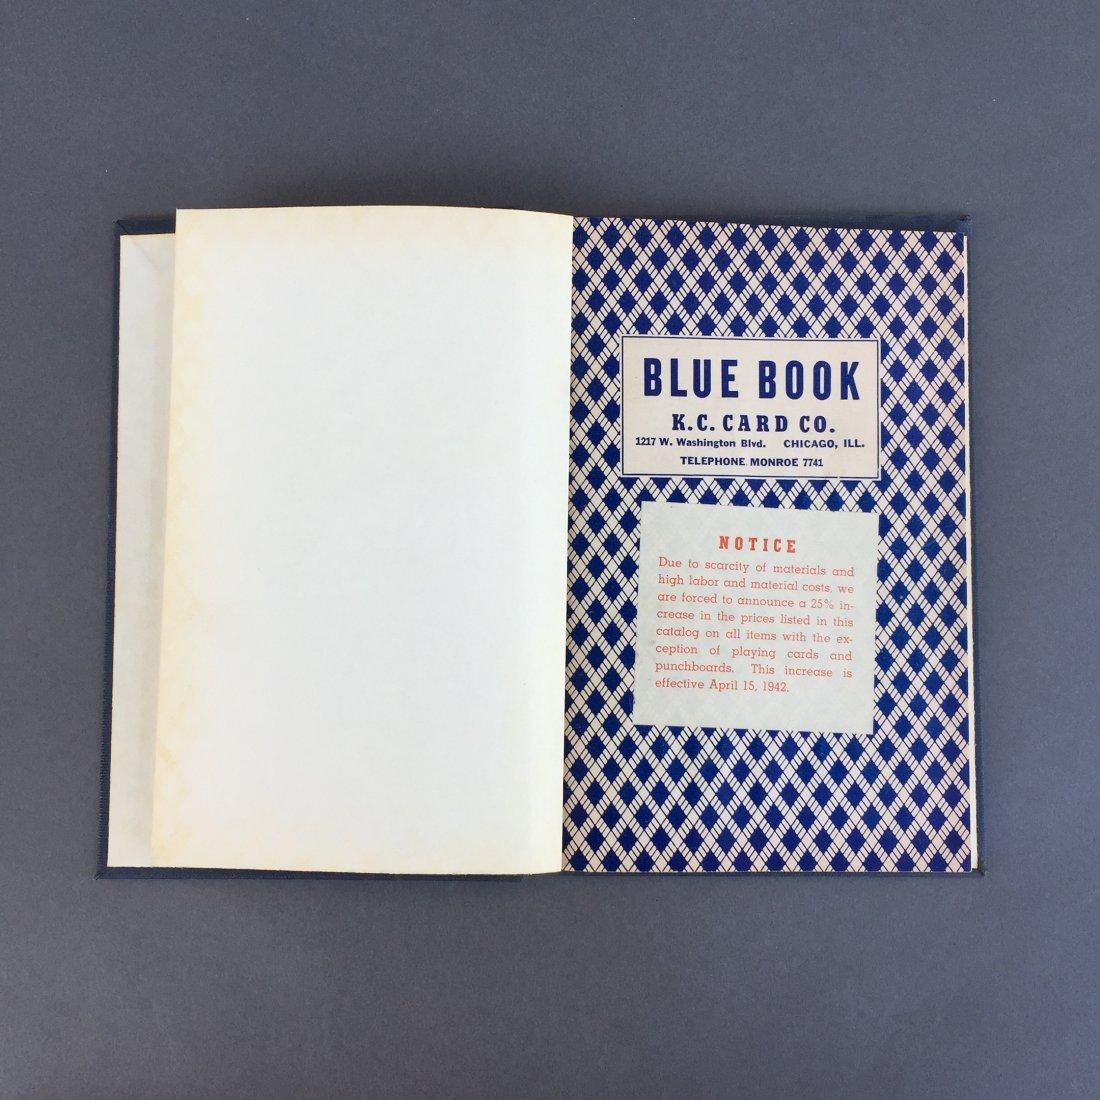 Blue Book - K.C. Card Co